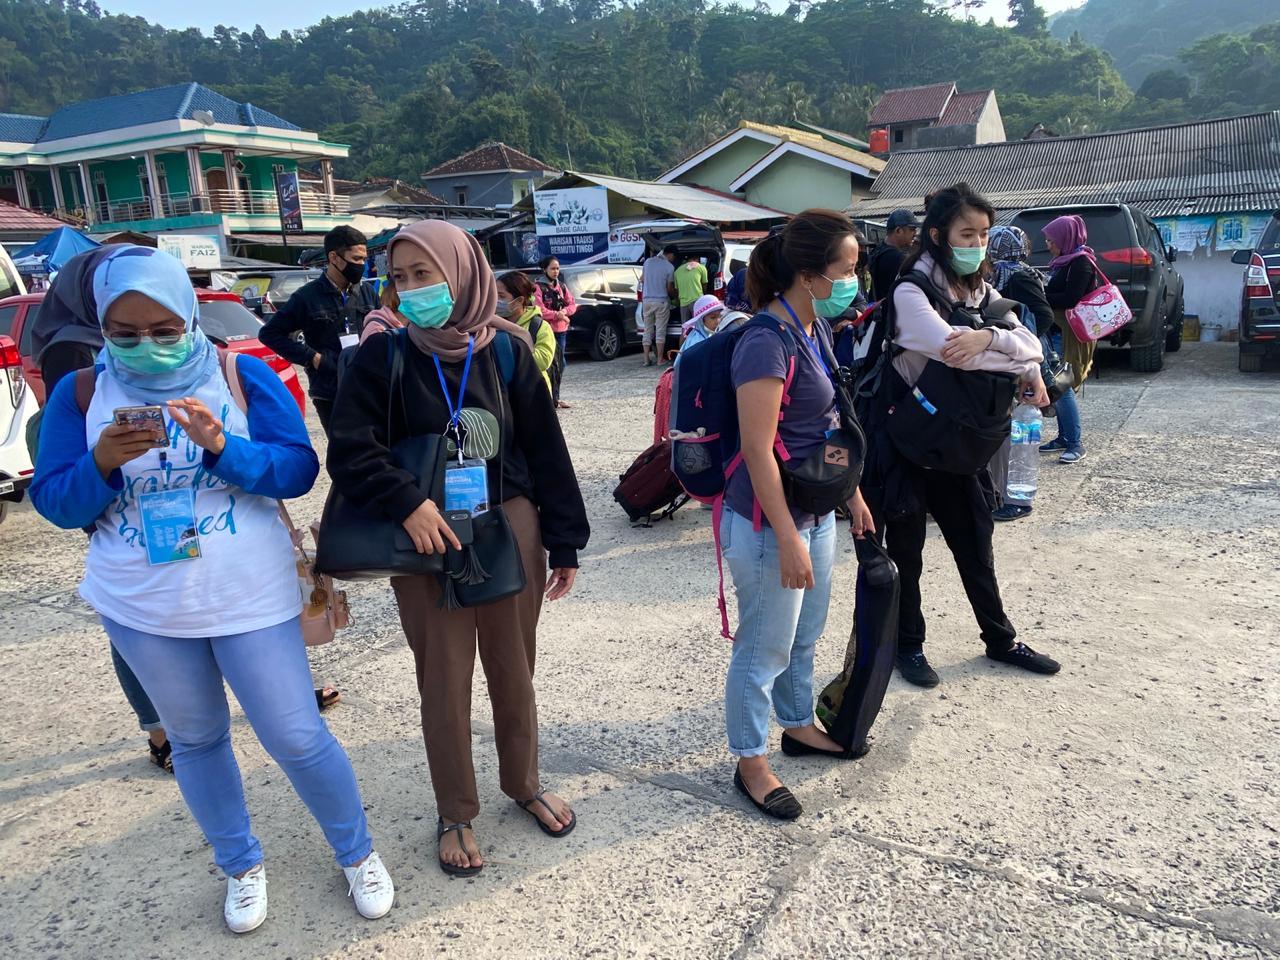 Semua peserta harus menggunakan masker dan membawa hand sanitizer masing-masing meski telah disediakan di tempat. (Foto MP/Shenna)